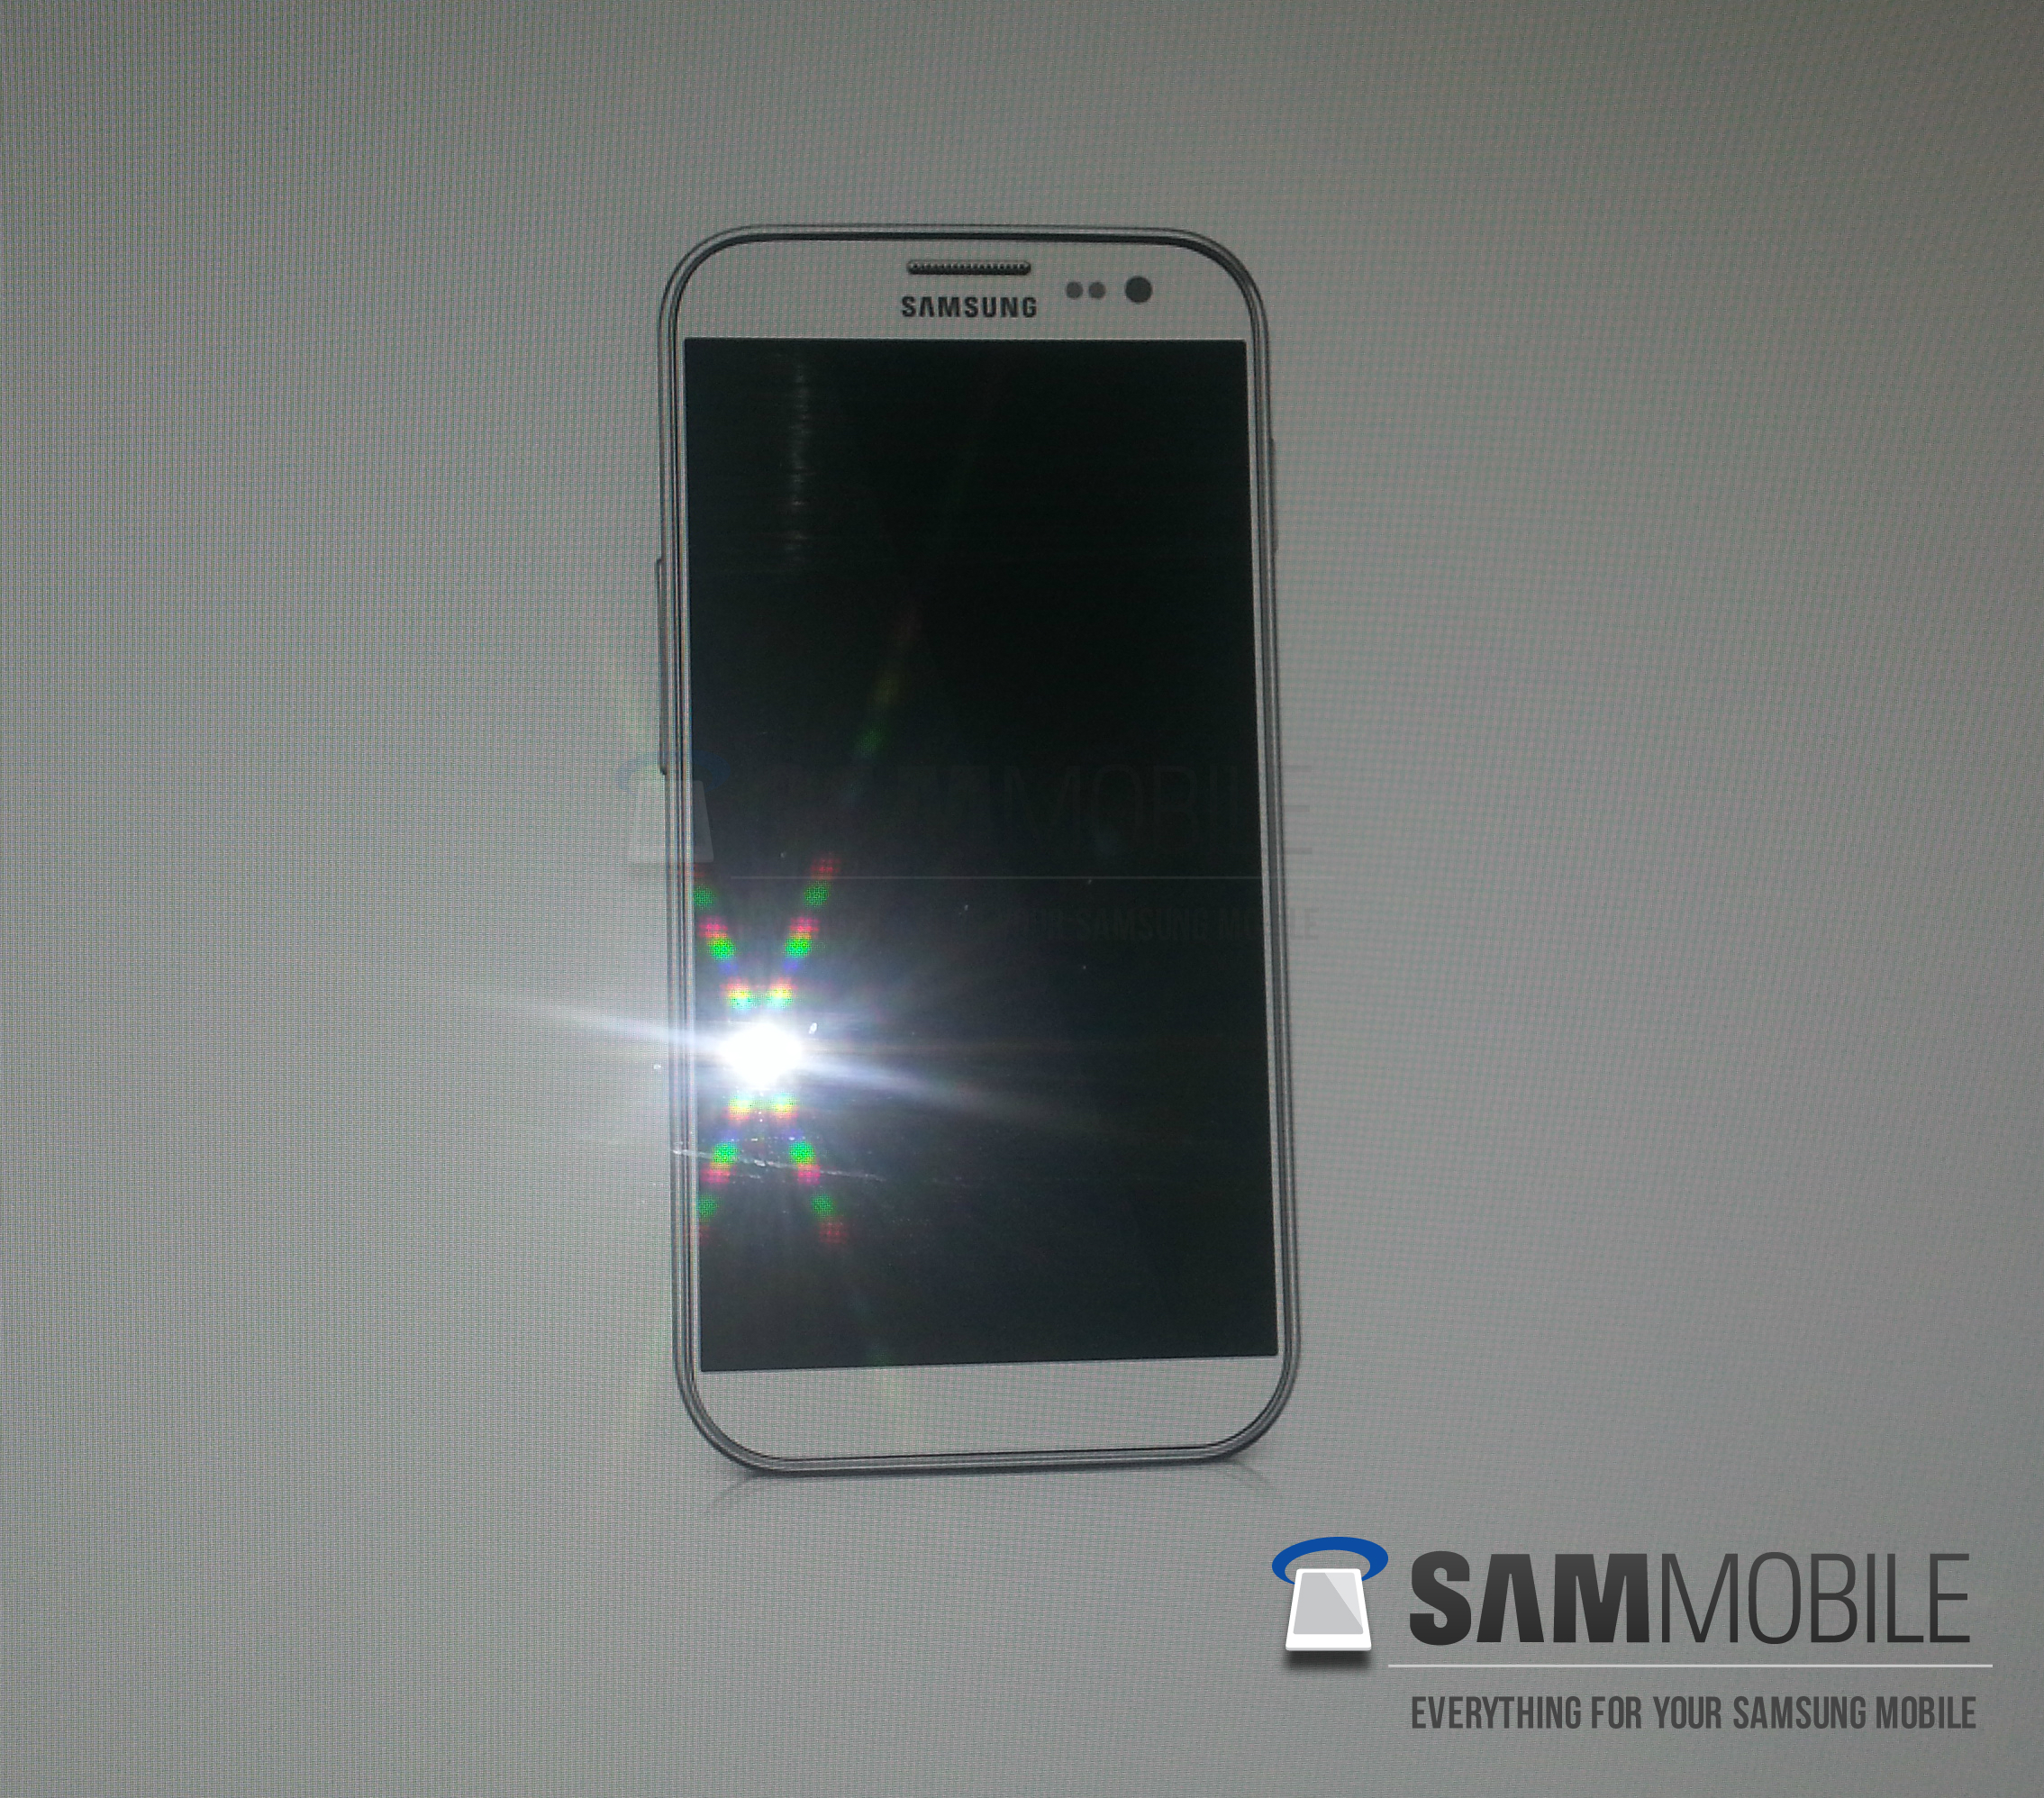 Та самая фотография Samsung Galaxy S IV